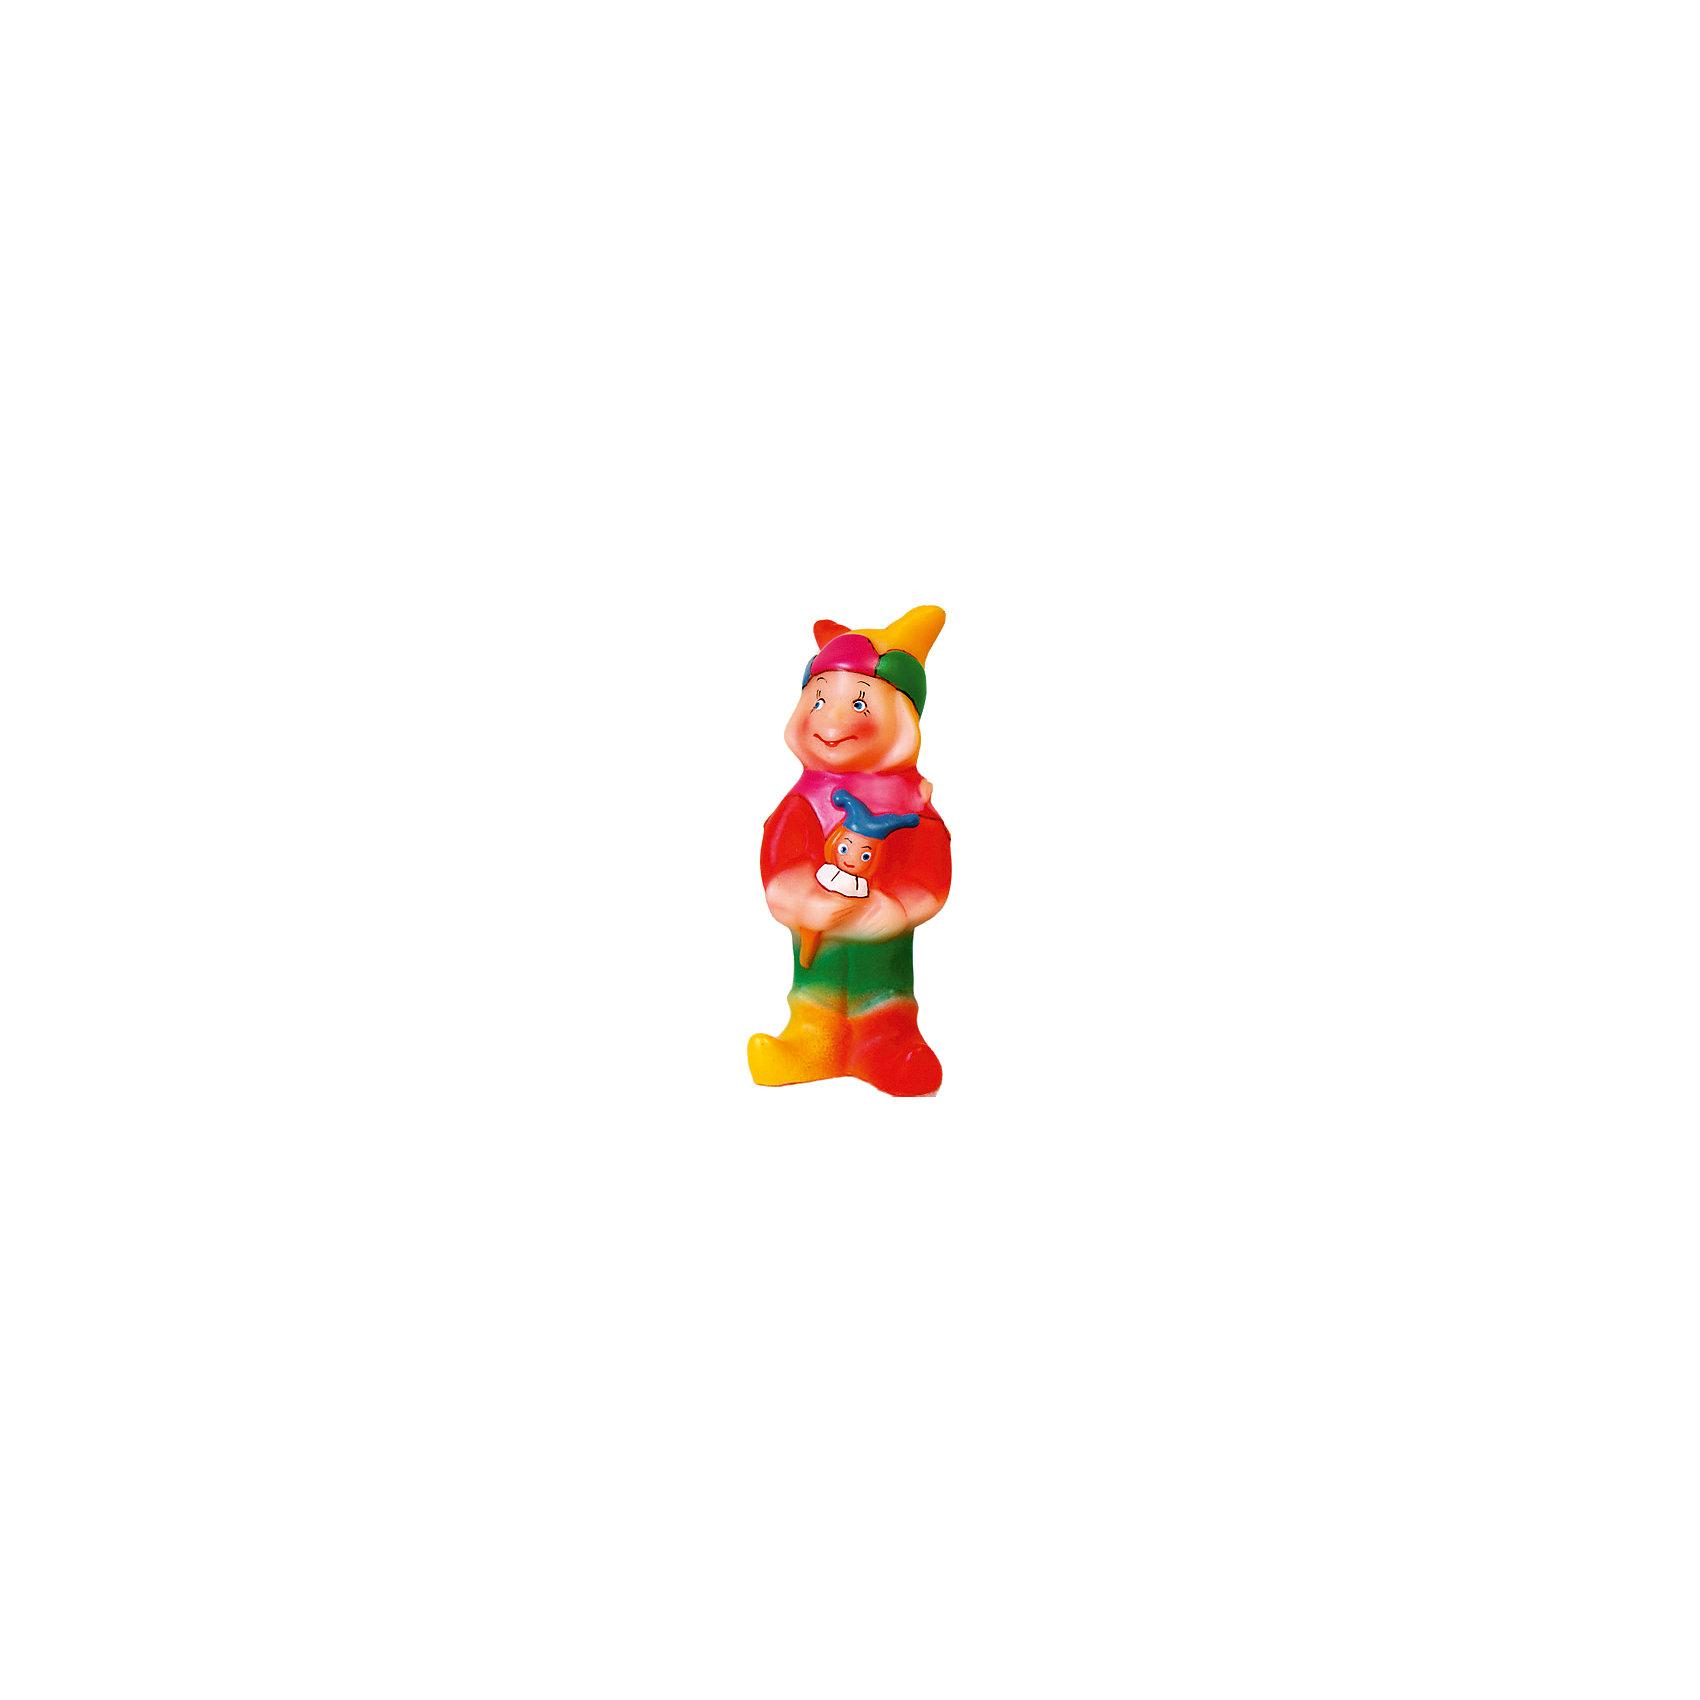 Скоморох, КудесникиИгрушки<br>Скоморох, Кудесники.<br><br>Характеристики:<br><br>• Материал: ПВХ.<br>• Размер: 14 см.<br>• Вес: 76г.<br> <br>Отличная игрушка из мягкого ПВХ надолго займет внимания вашего малыша. Эта игрушка поможет малышу при прорезывании зубов, поможет развивать моторику рук, знакомить с формой, цветом, образами также с ней можно забавно поиграть в ванной. Яркий образ поможет ребенку придумывать различные сюжетно-ролевые игры.<br><br>Скомороха , Кудесники, можно купить внашем интернет – магазине.<br><br>Ширина мм: 40<br>Глубина мм: 90<br>Высота мм: 150<br>Вес г: 59<br>Возраст от месяцев: 12<br>Возраст до месяцев: 36<br>Пол: Унисекс<br>Возраст: Детский<br>SKU: 4896438